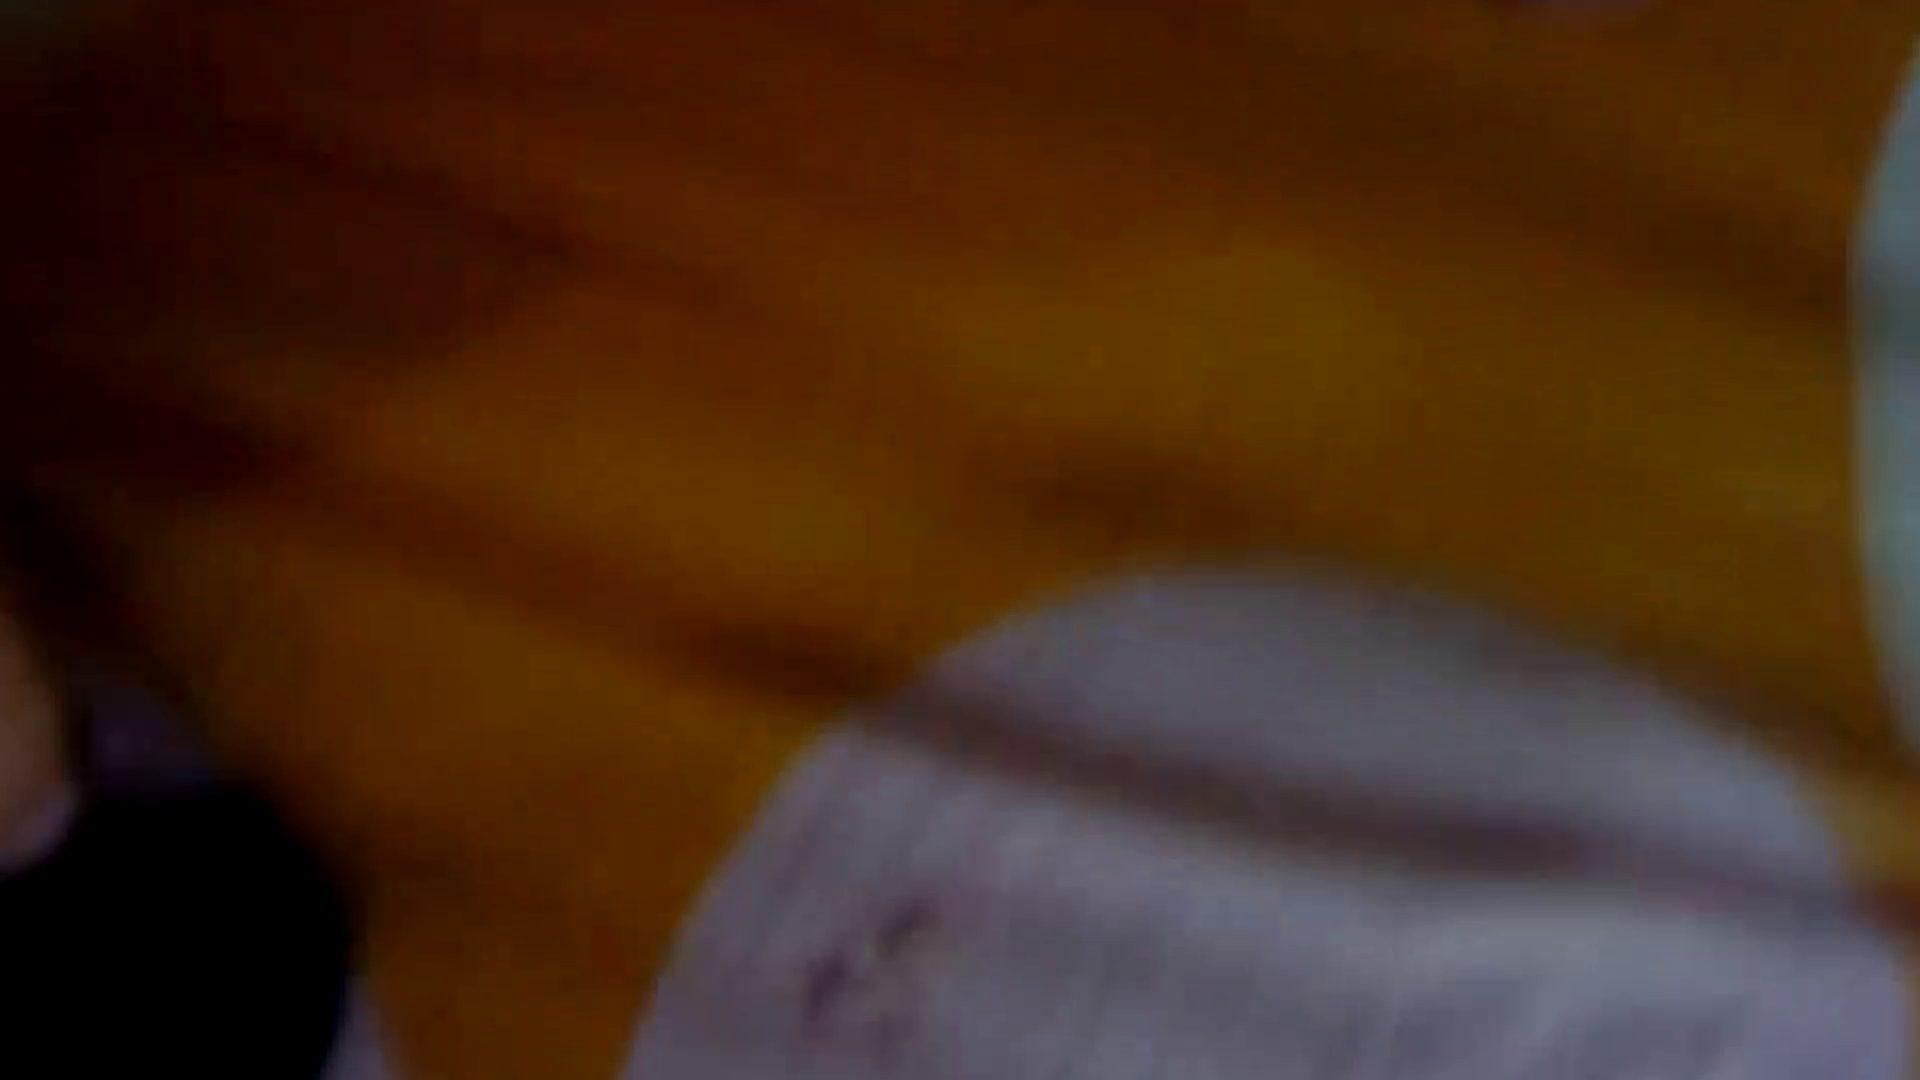 魅せろ!エロチャット!Vol.01 後編 オナニー ゲイヌード画像 77枚 21